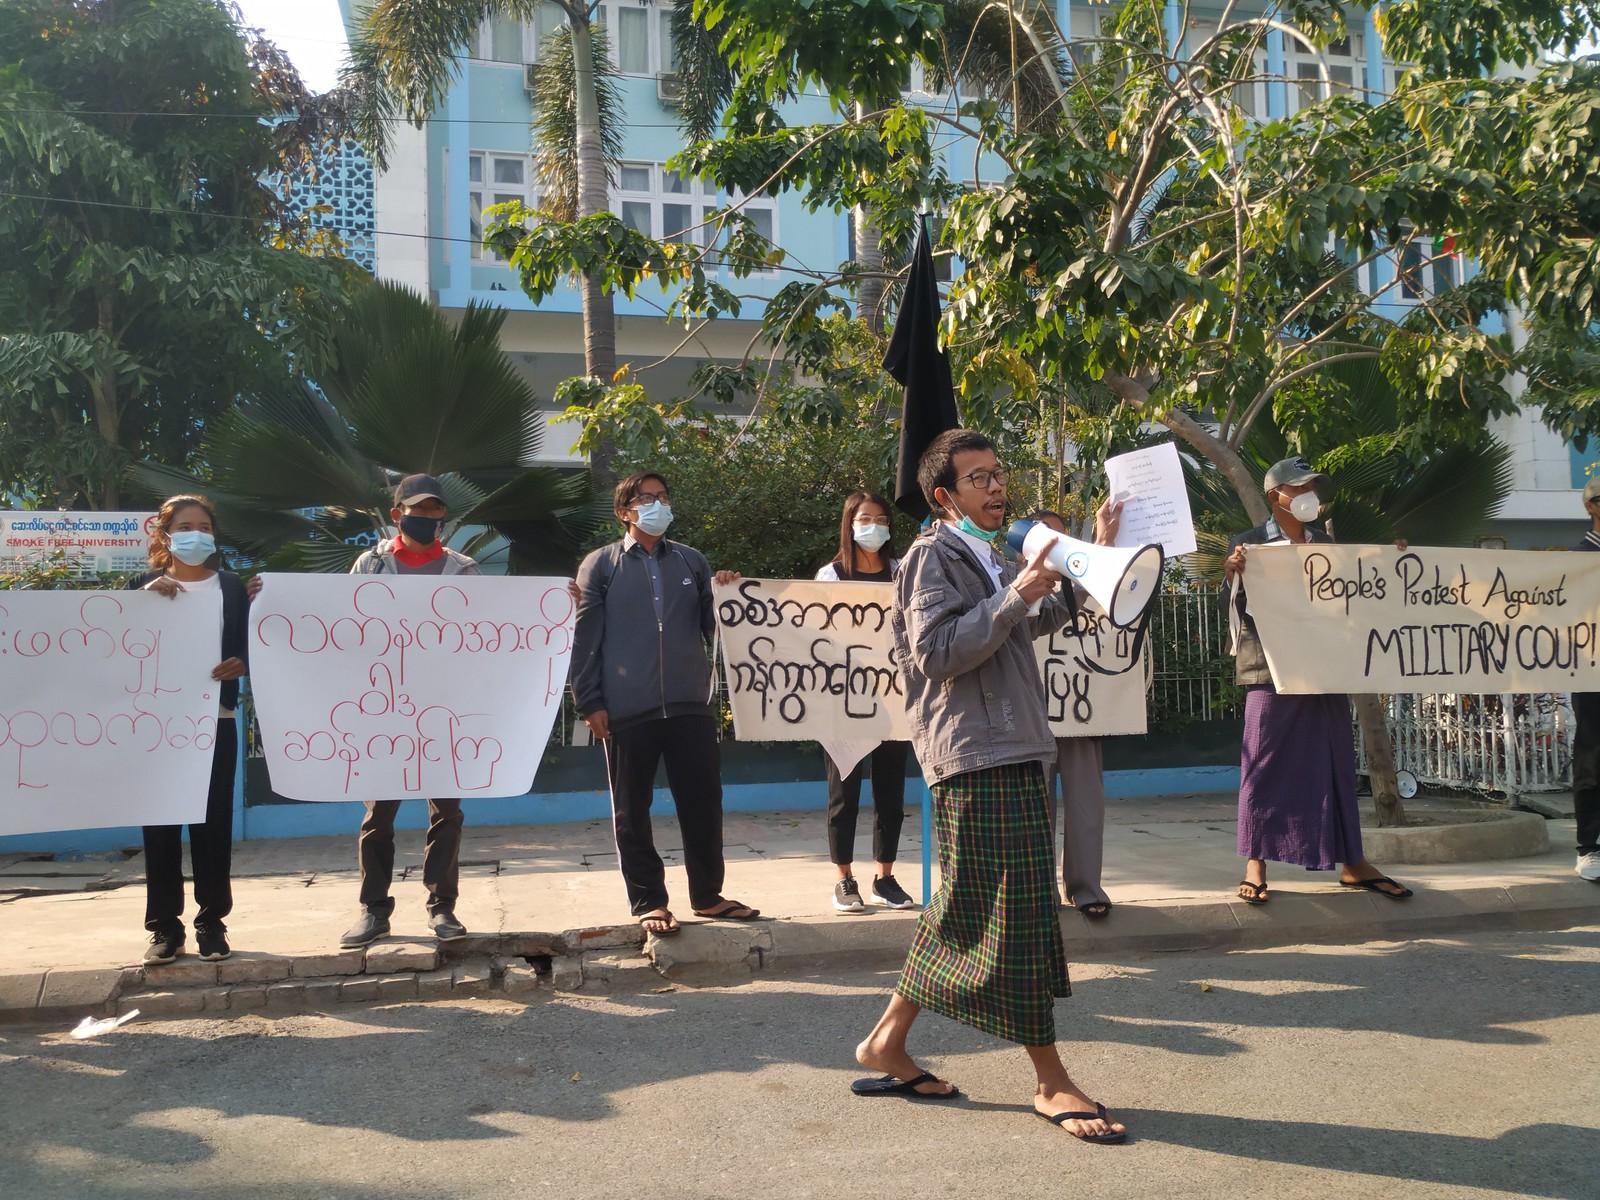 ผู้ประท้วงต้านเผด็จการทหารที่มัณฑะเลย์เมื่อ 4 ก.พ. ก่อนที่ตำรวจจะเข้าสลายการชุมนุม (ที่มา: Twitter/Myanmar Now)